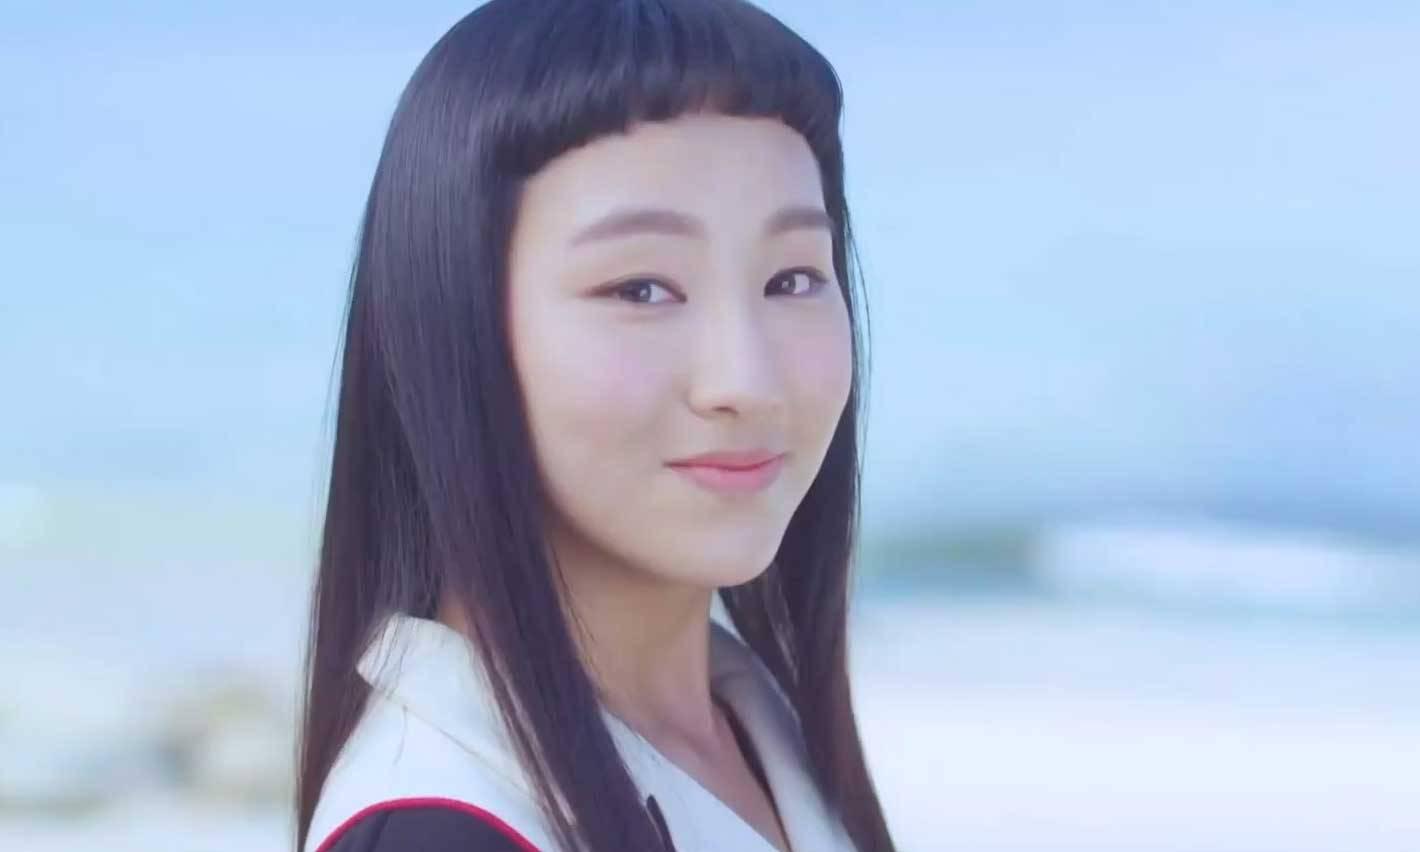 《聲夢傳奇》炎明熹 Gigi 原名姓王 15歲聲夢學員猛料背景起底   最新娛聞   東方新地